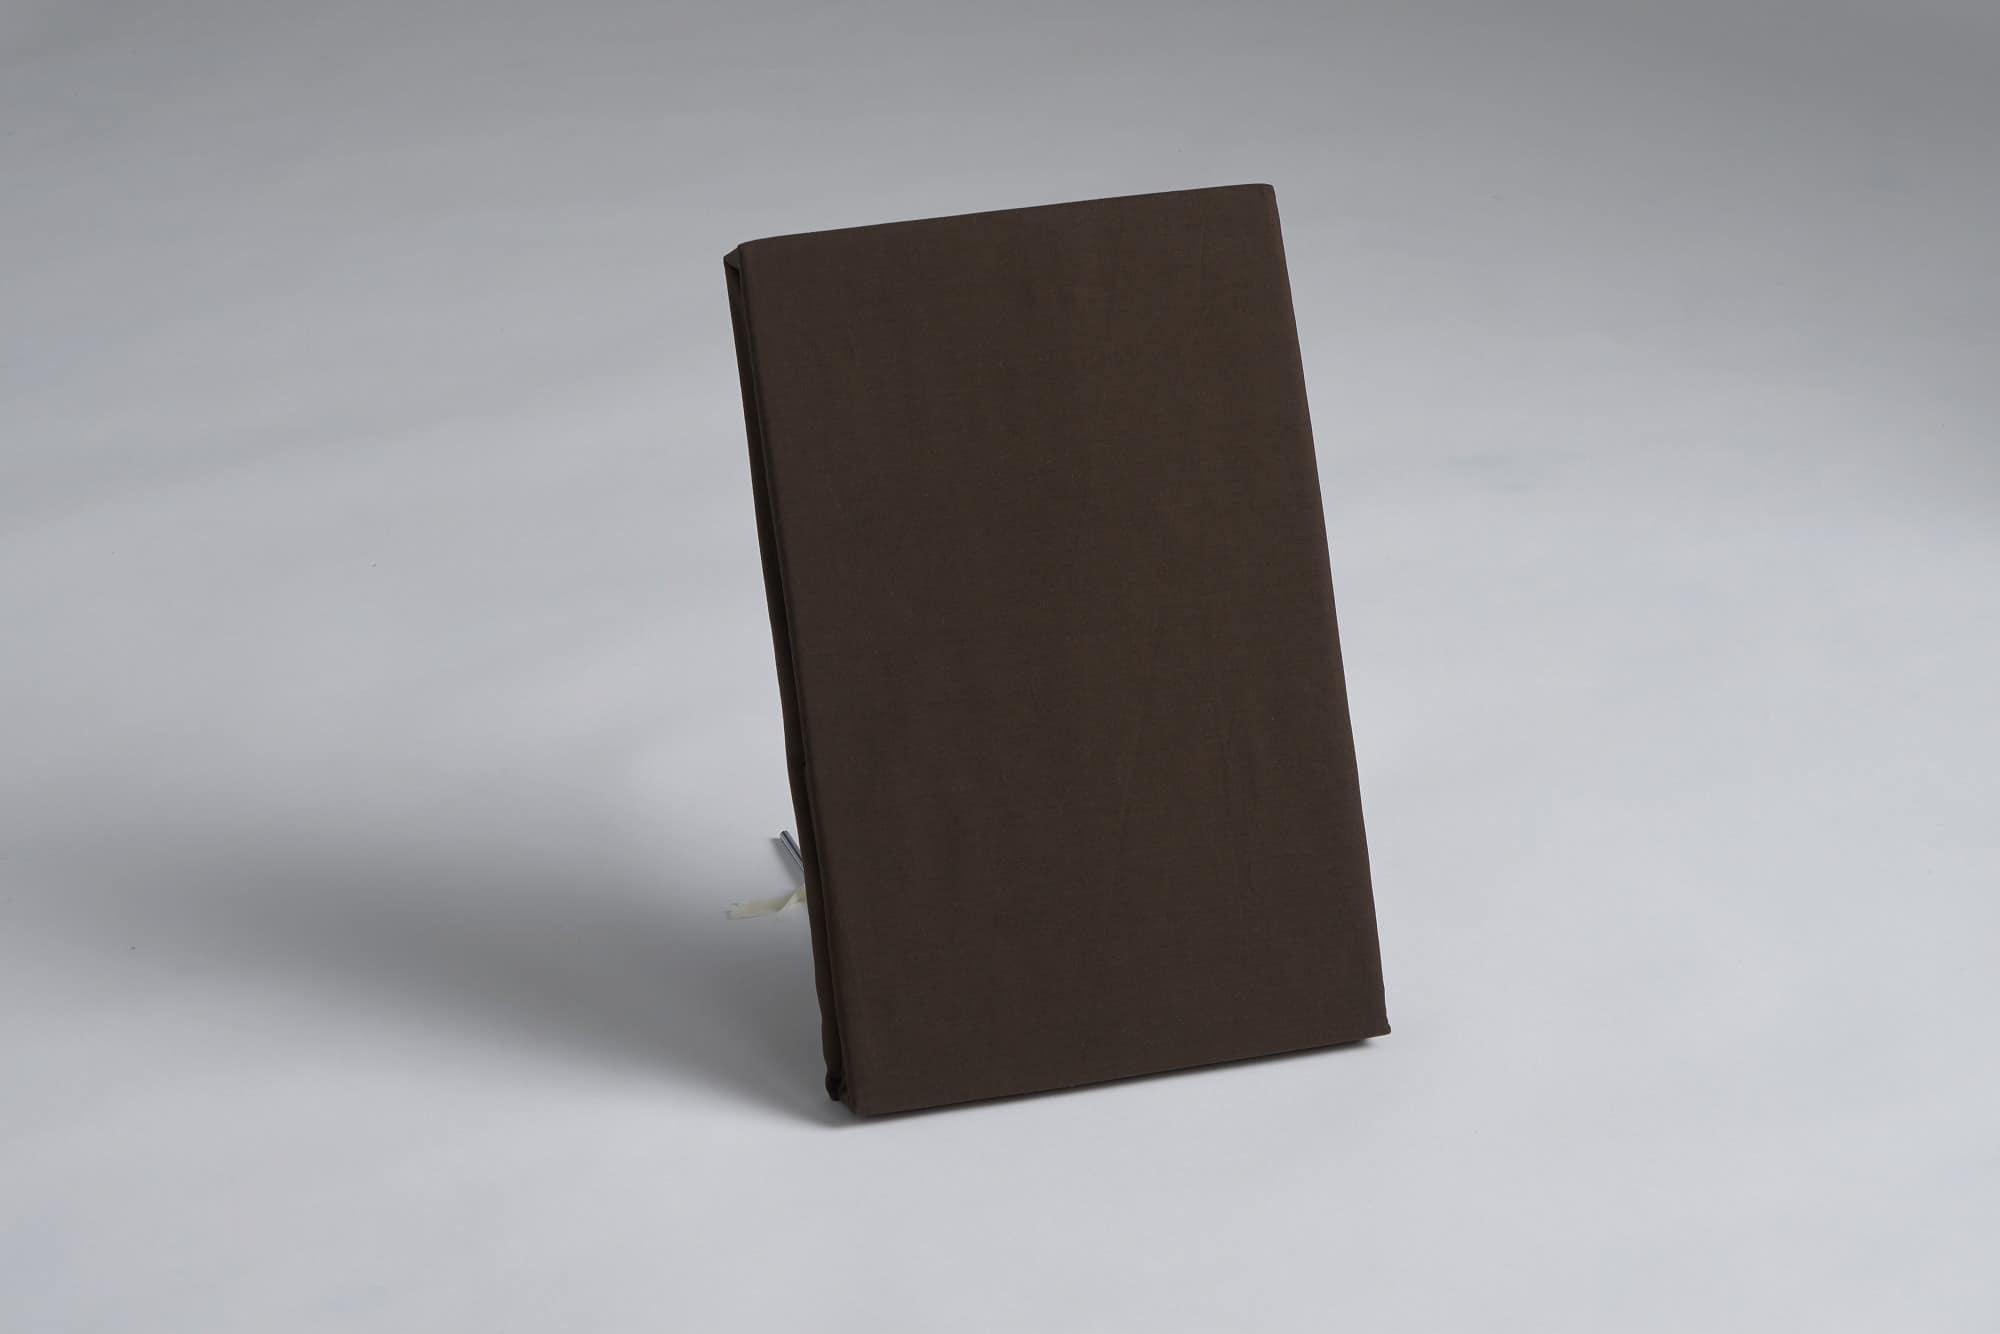 ボックスシーツ ダブル用 36H ブラウン:《綿100%を使用したボックスシーツ》